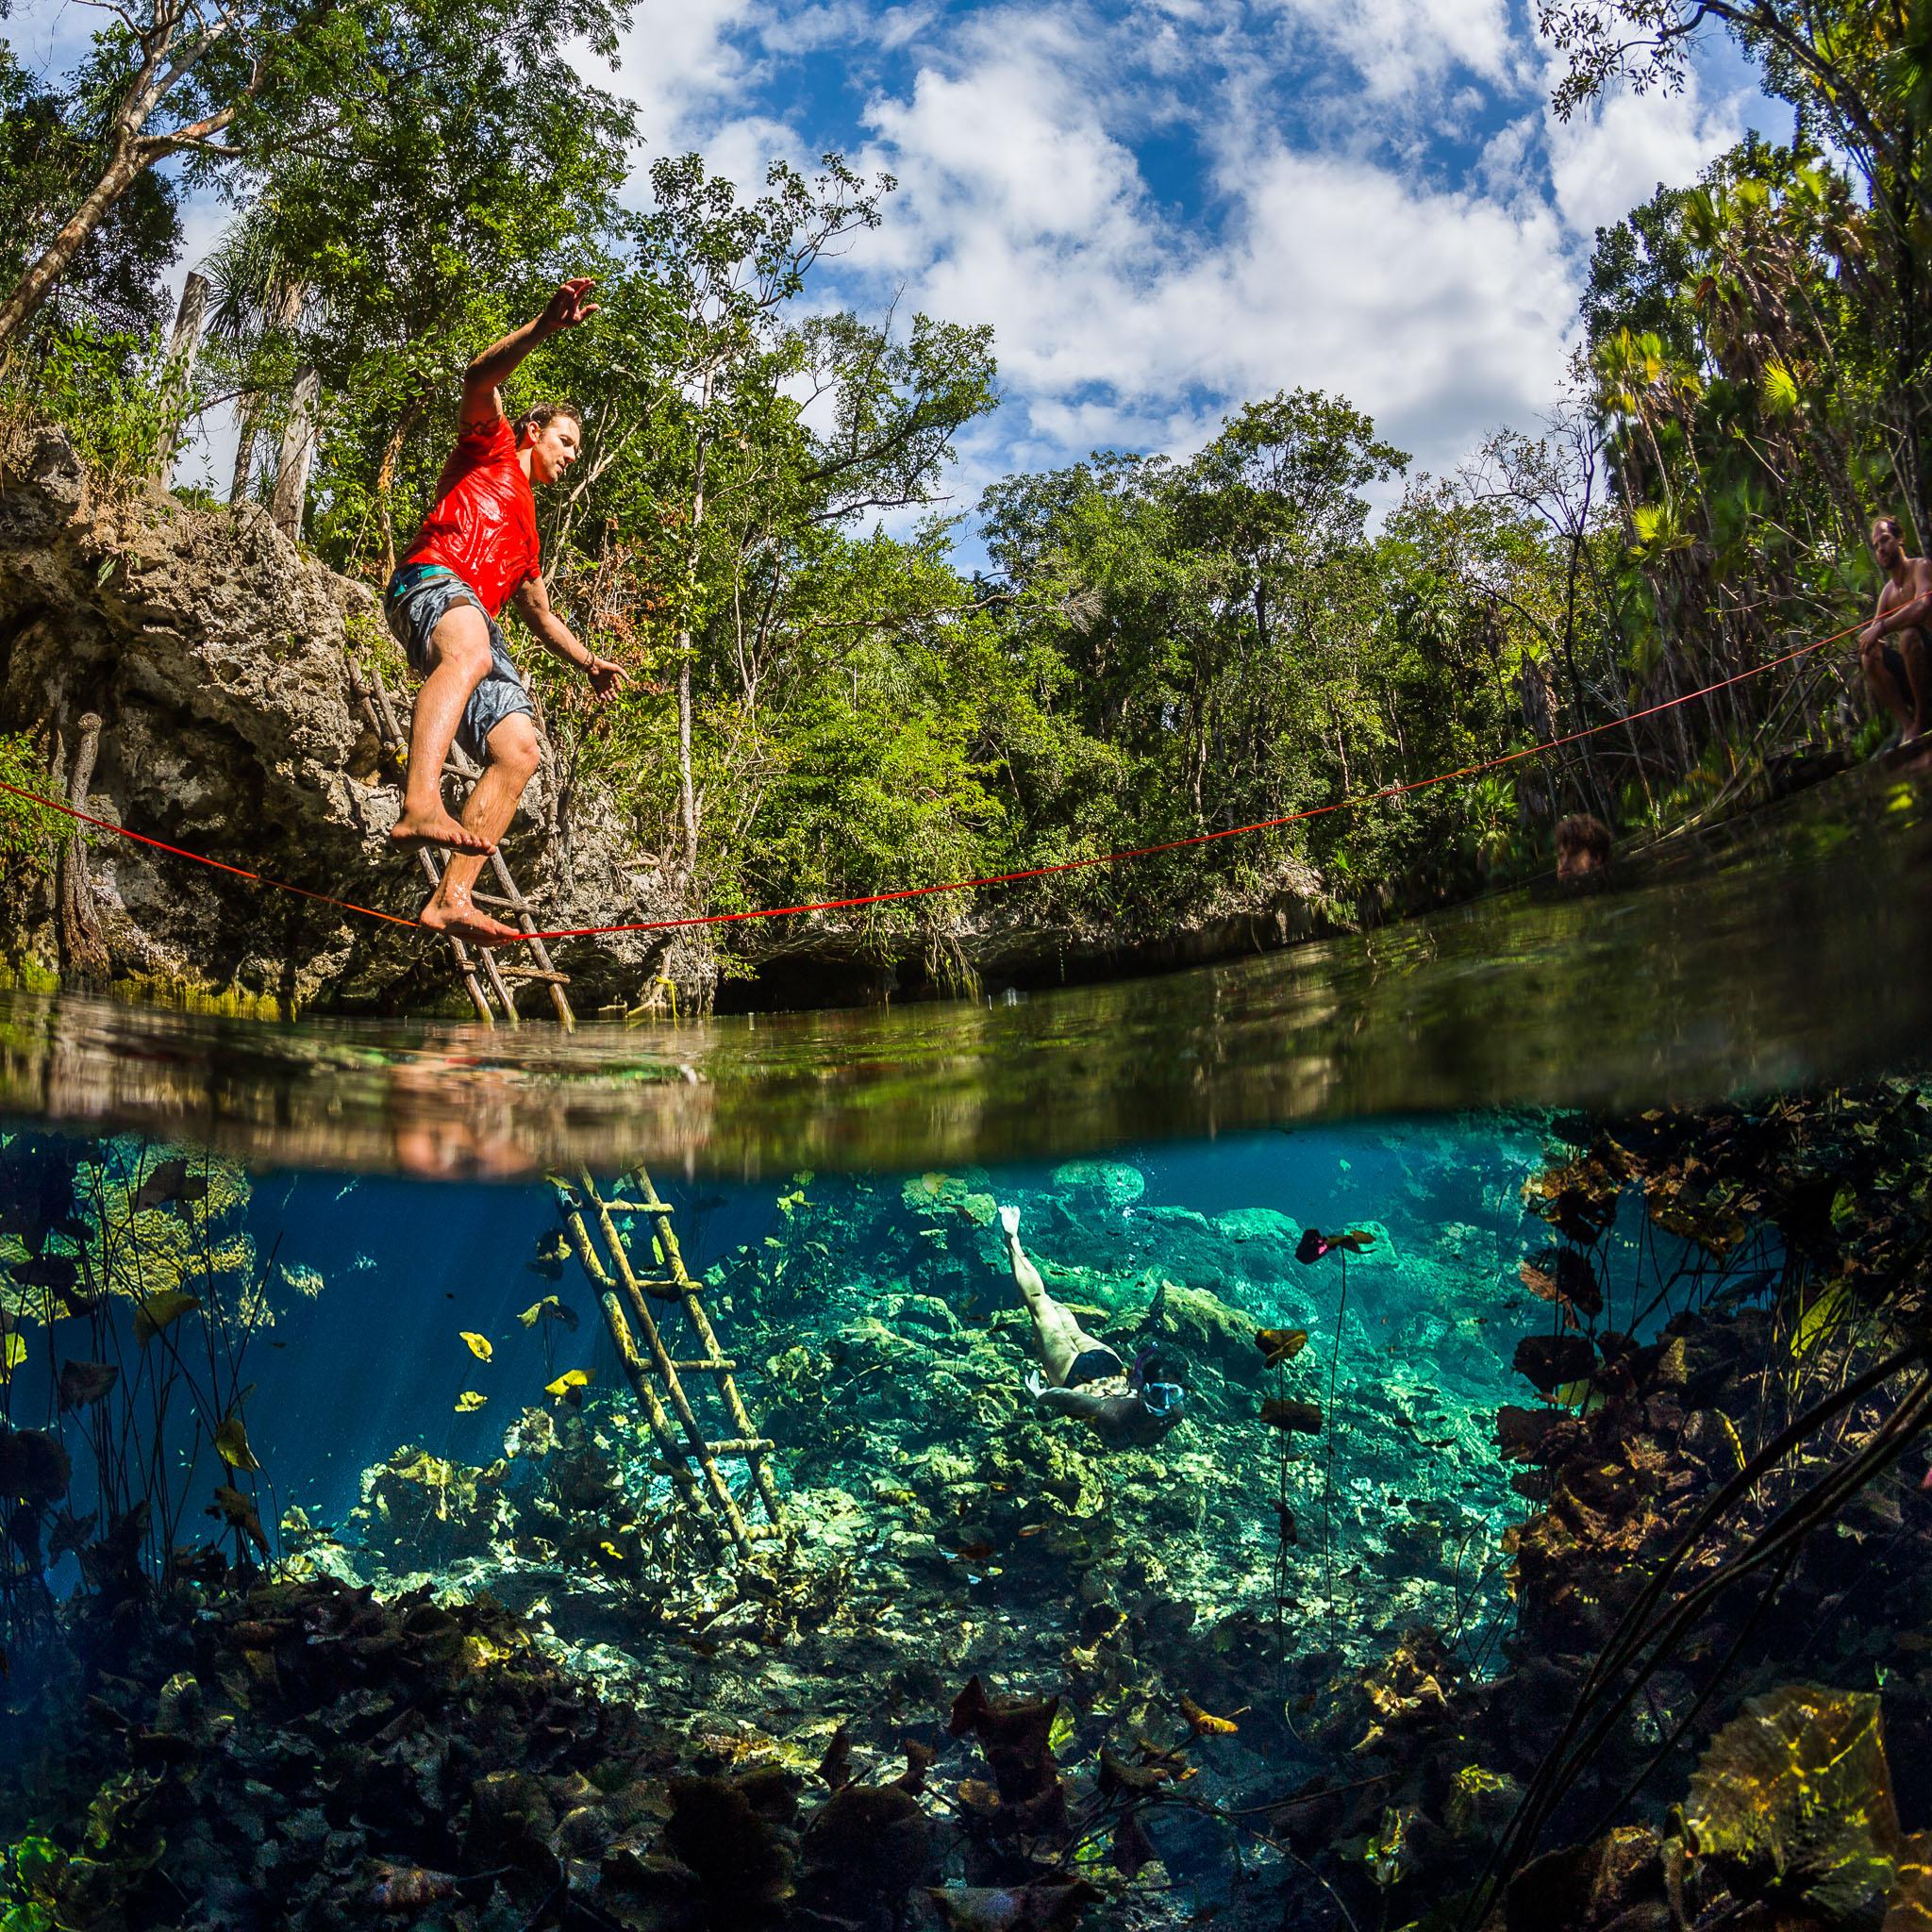 over-under-shot-underwater-split-surface-underwater-photography